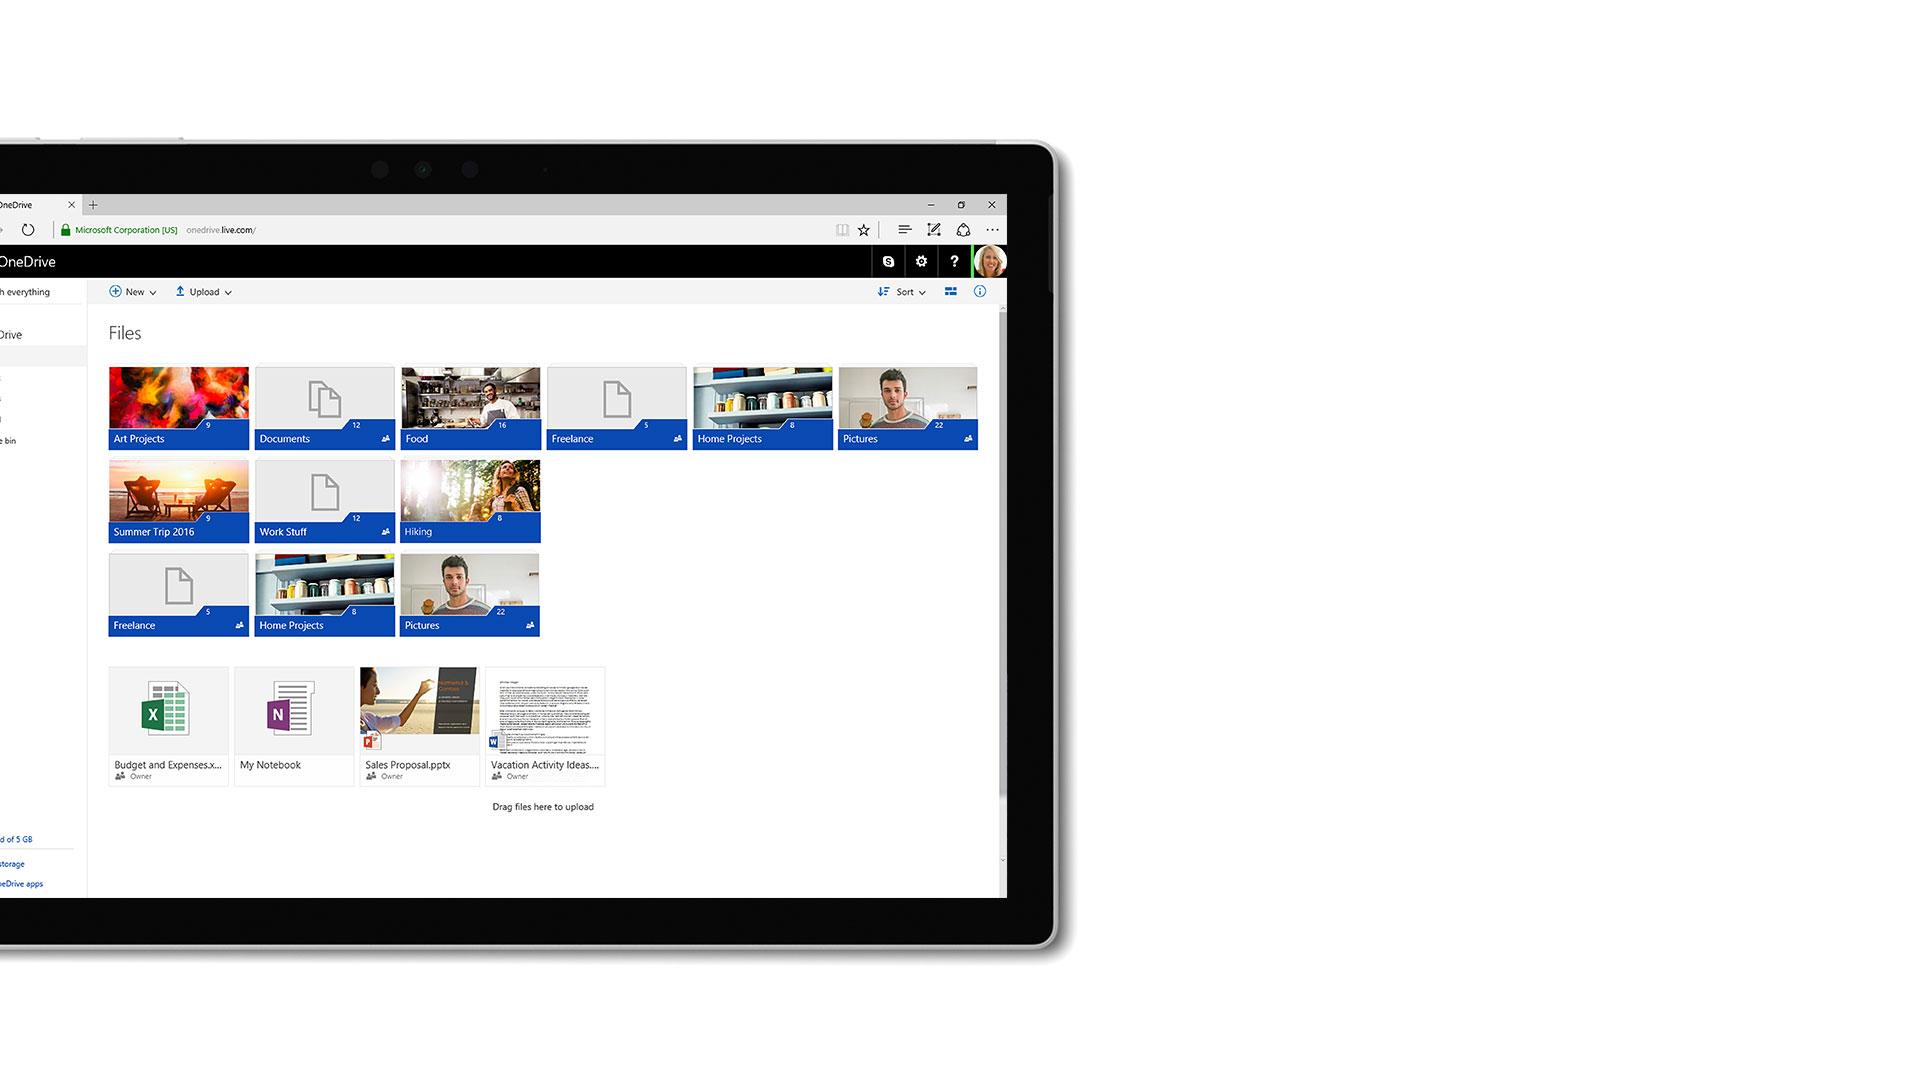 Imagem da interface de utilizador do Microsoft OneDrive